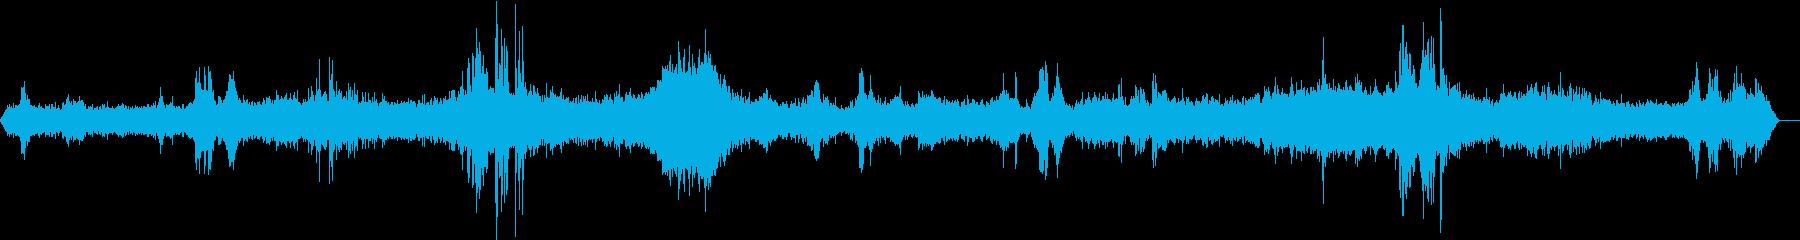 メトロバゴンインテリアの再生済みの波形